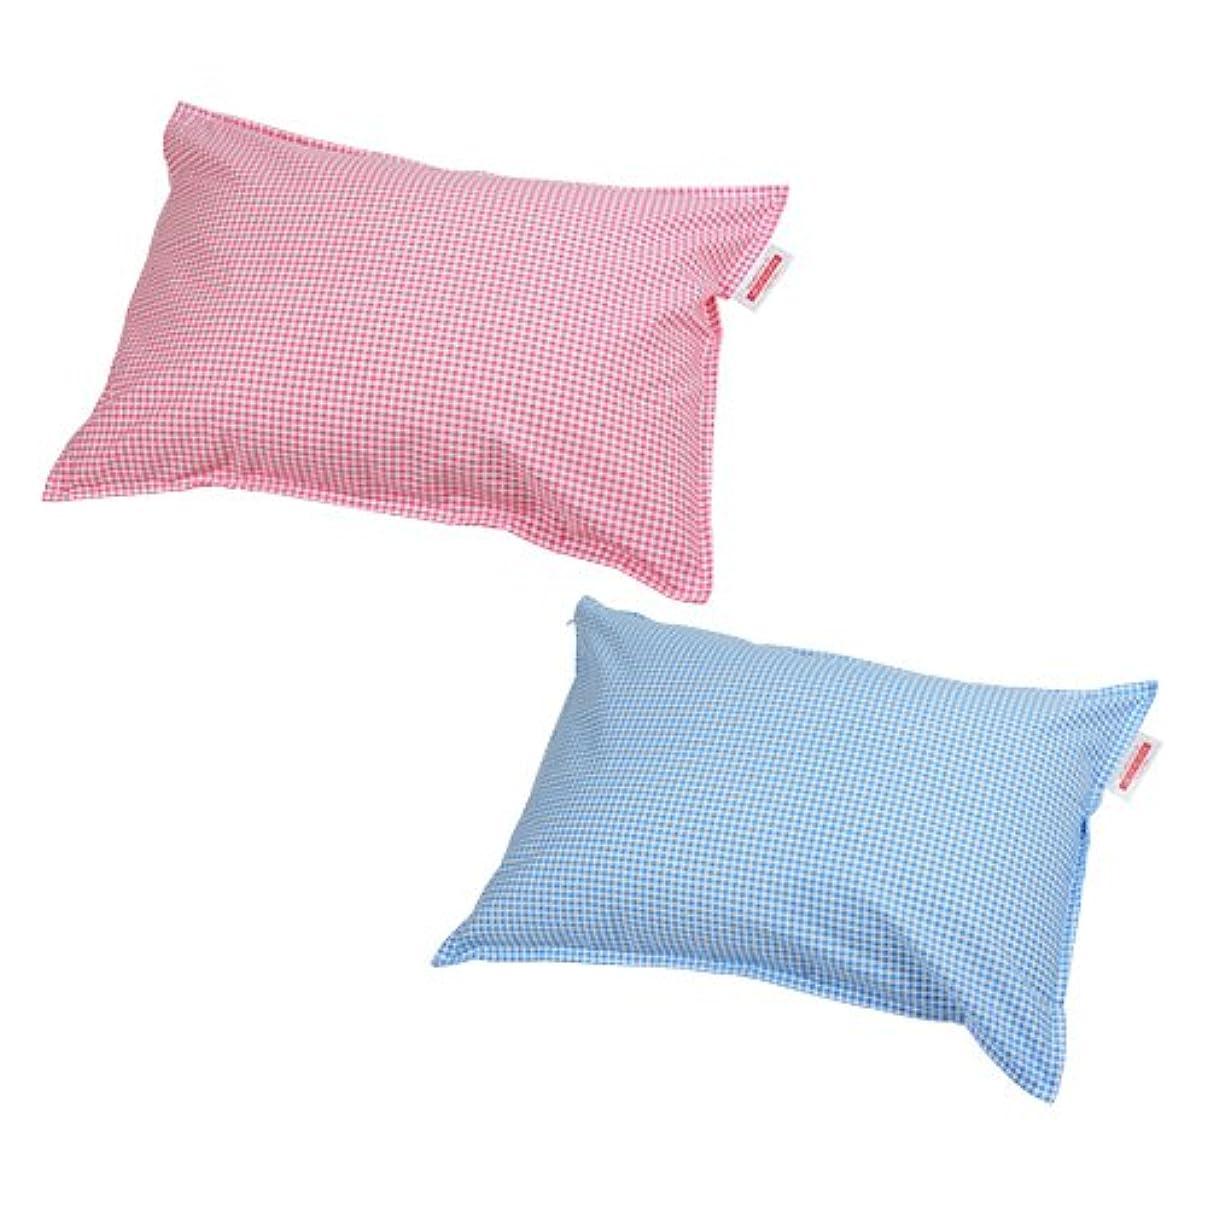 いたずらな葉イサカ枕カバー 35×50cmの枕用 ファスナー式 ギンガムチェック ステッチ仕上げ 安心の日本製 ブルー